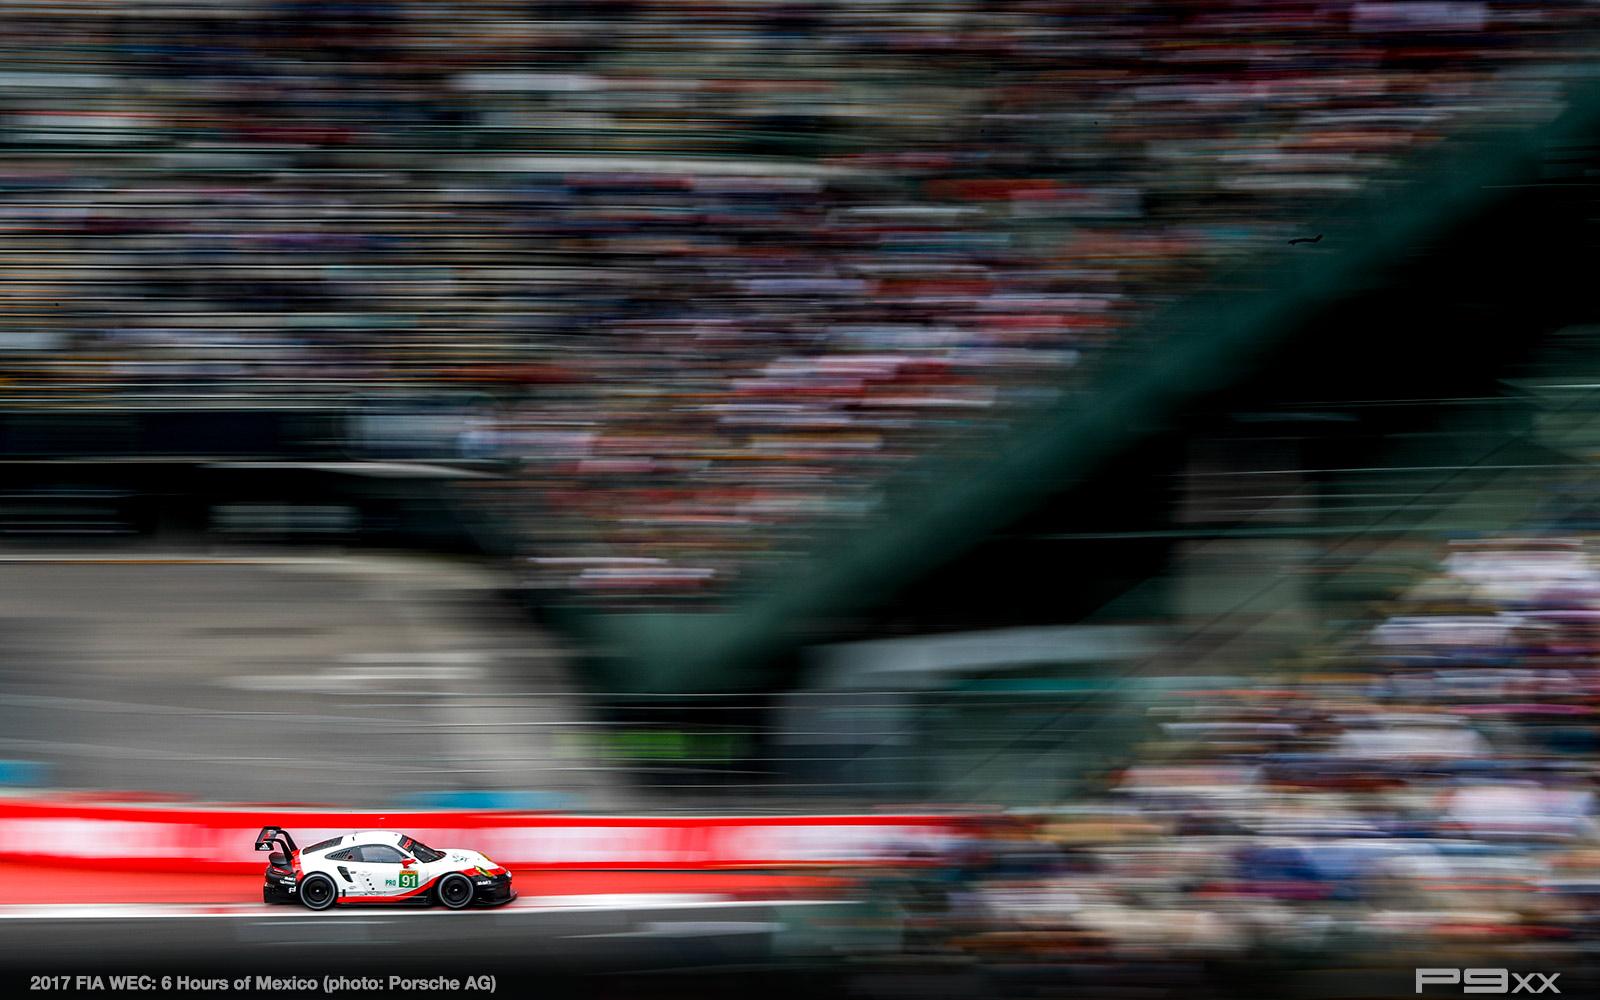 2017-FIA-WEC-6-HOURS-MEXICO-PORSCHE-1342